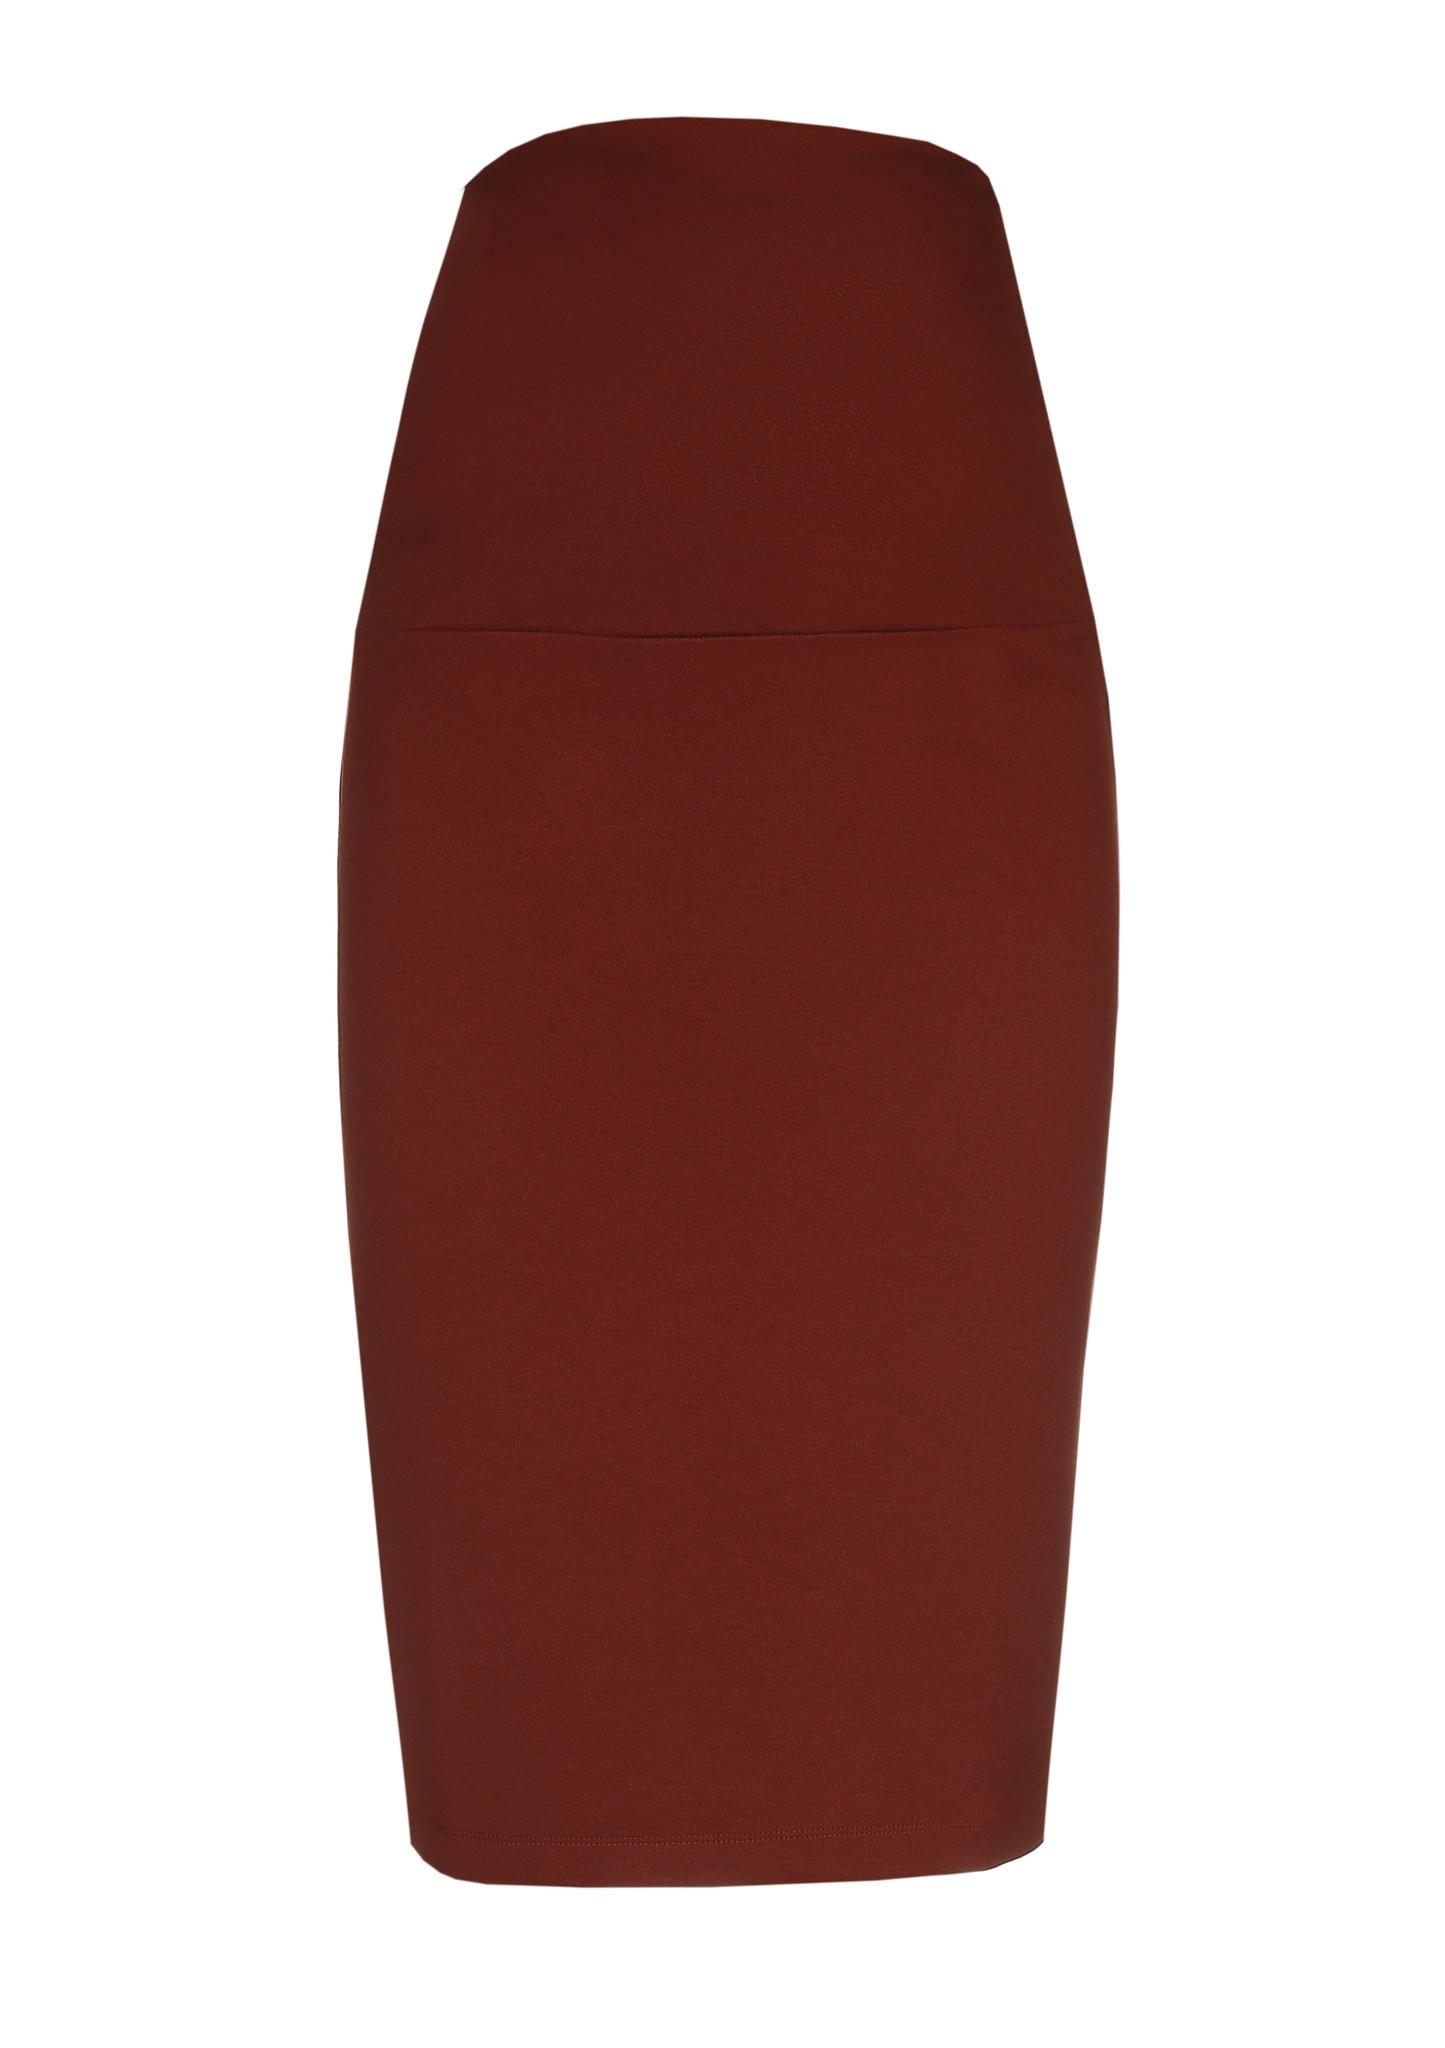 Pencil skirt - keramic-2